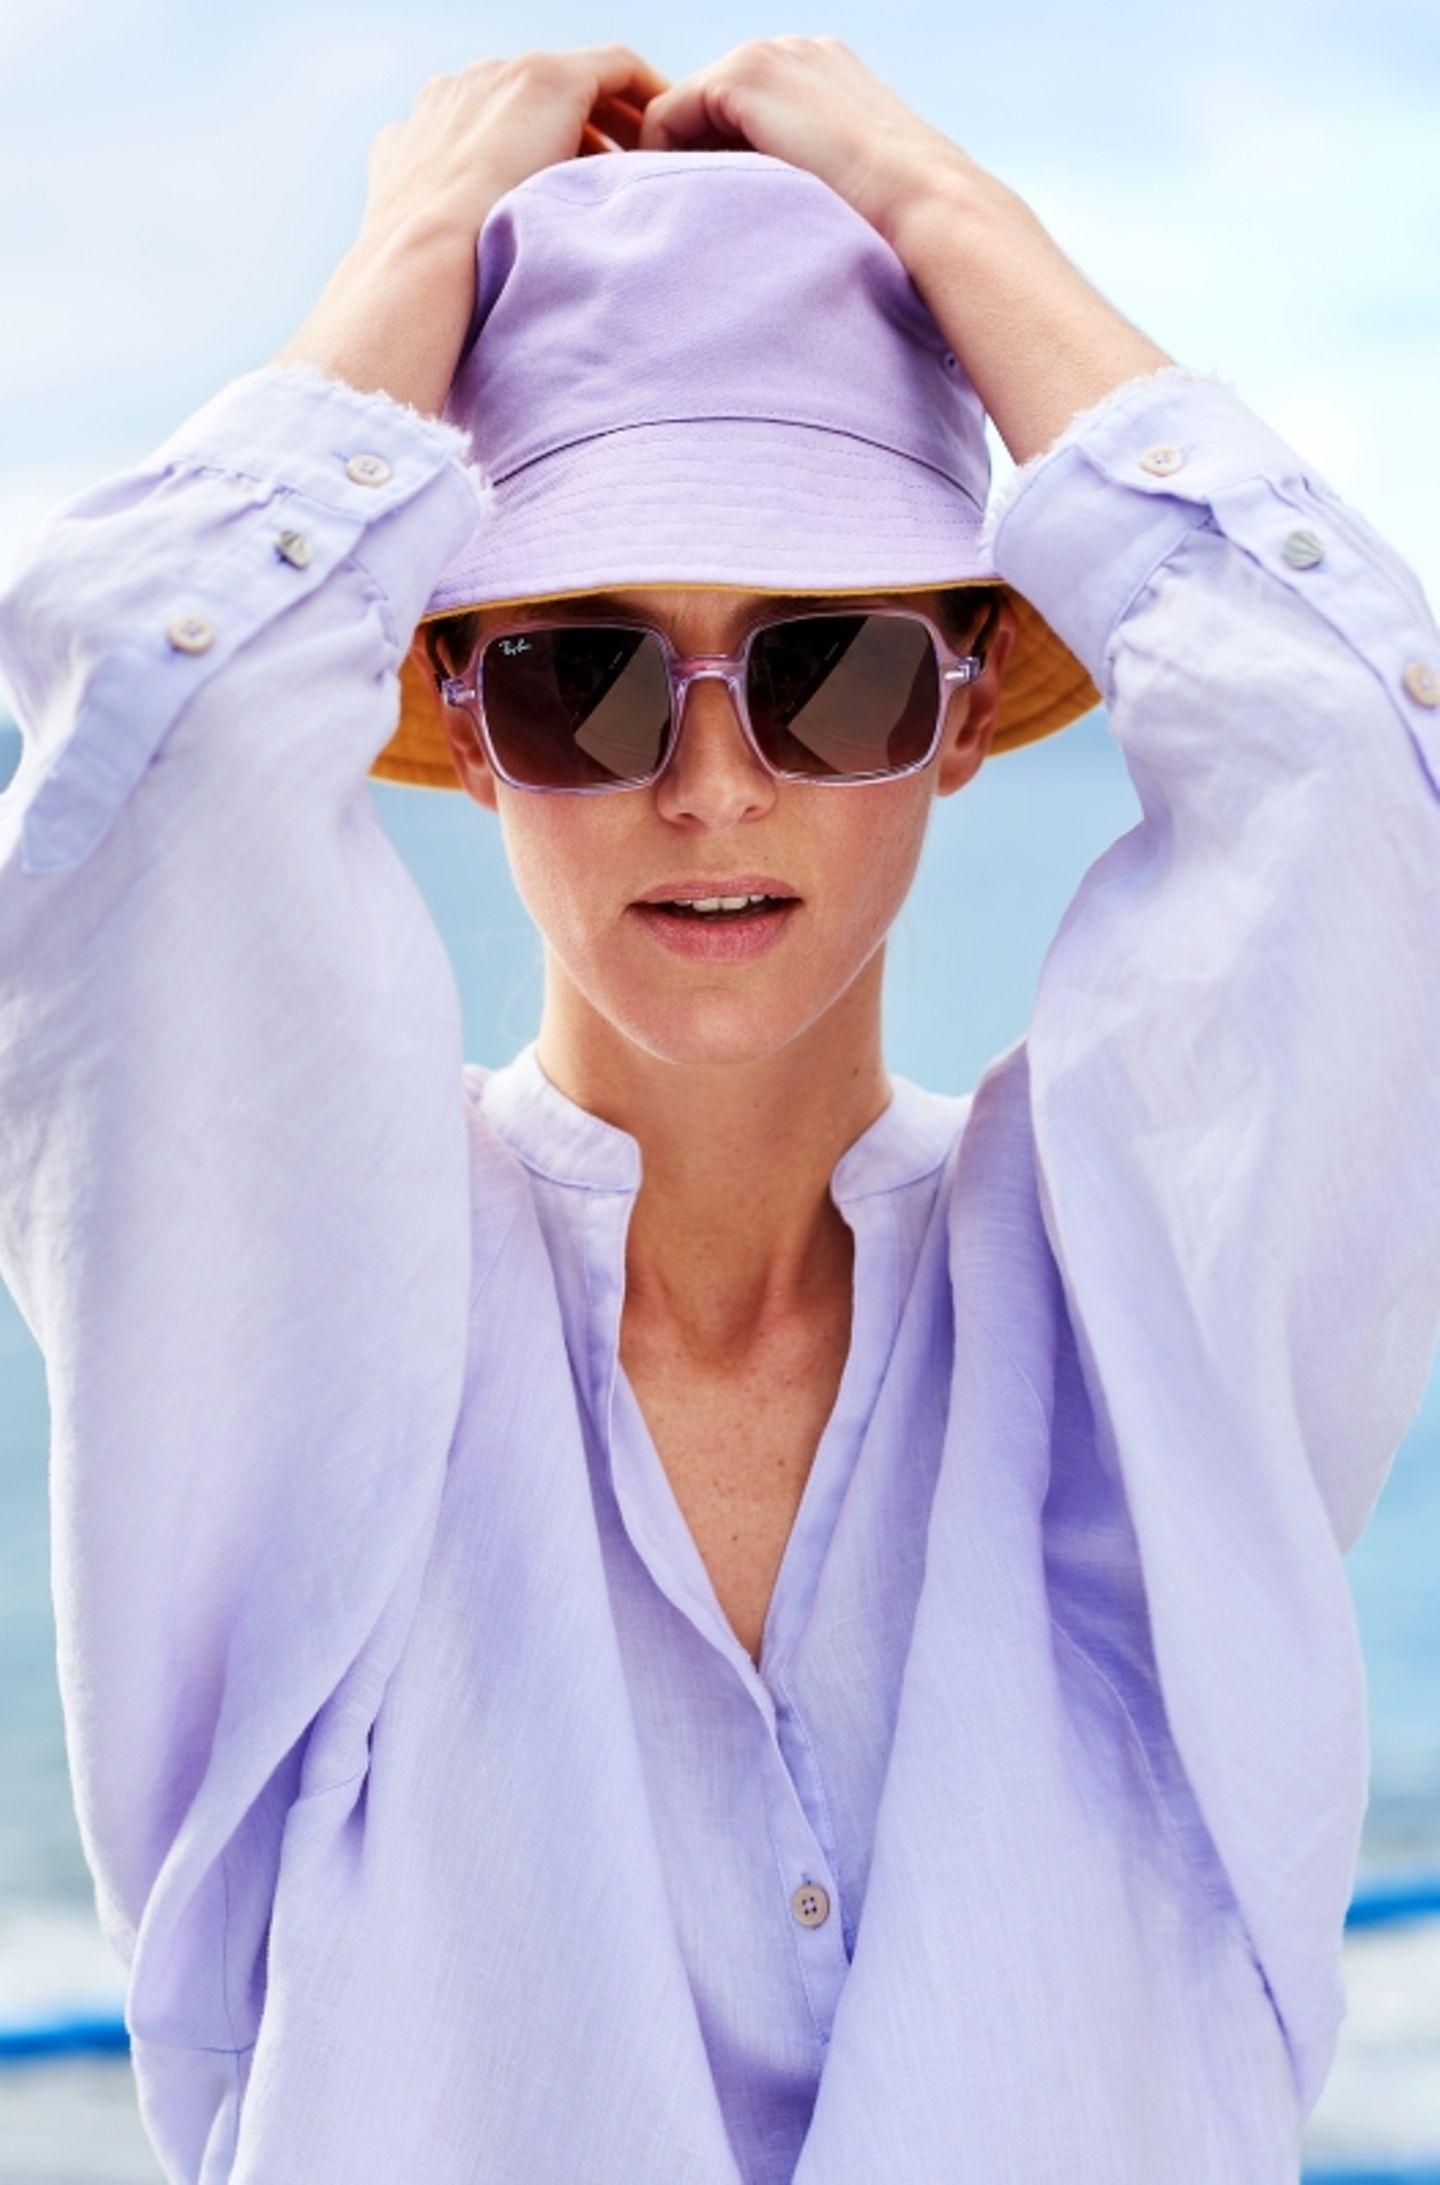 Pastelltöne: Hut zu lila Leinenbluse